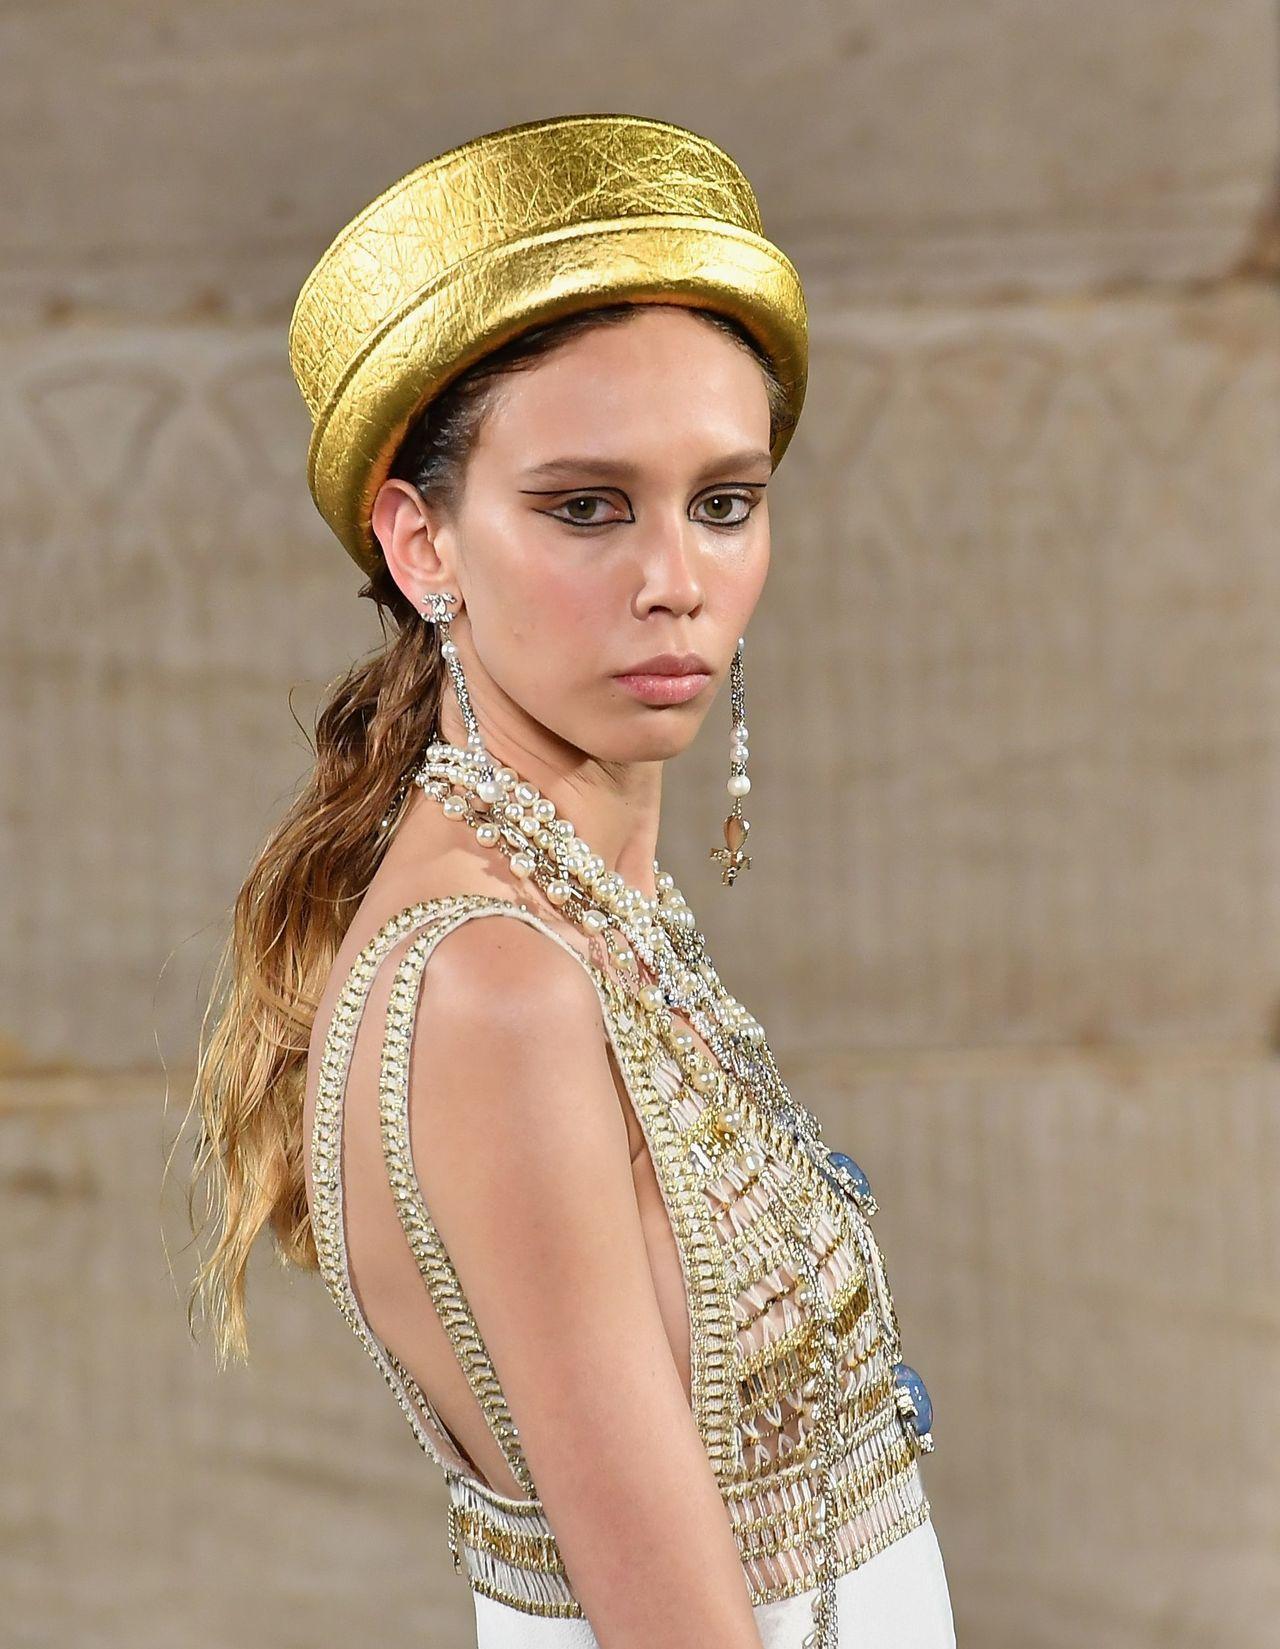 平頂帽與垂墜長耳環以及雙層眼線等細節,也都重現了文獻紀錄裡愛美的古埃及人對於穿搭...